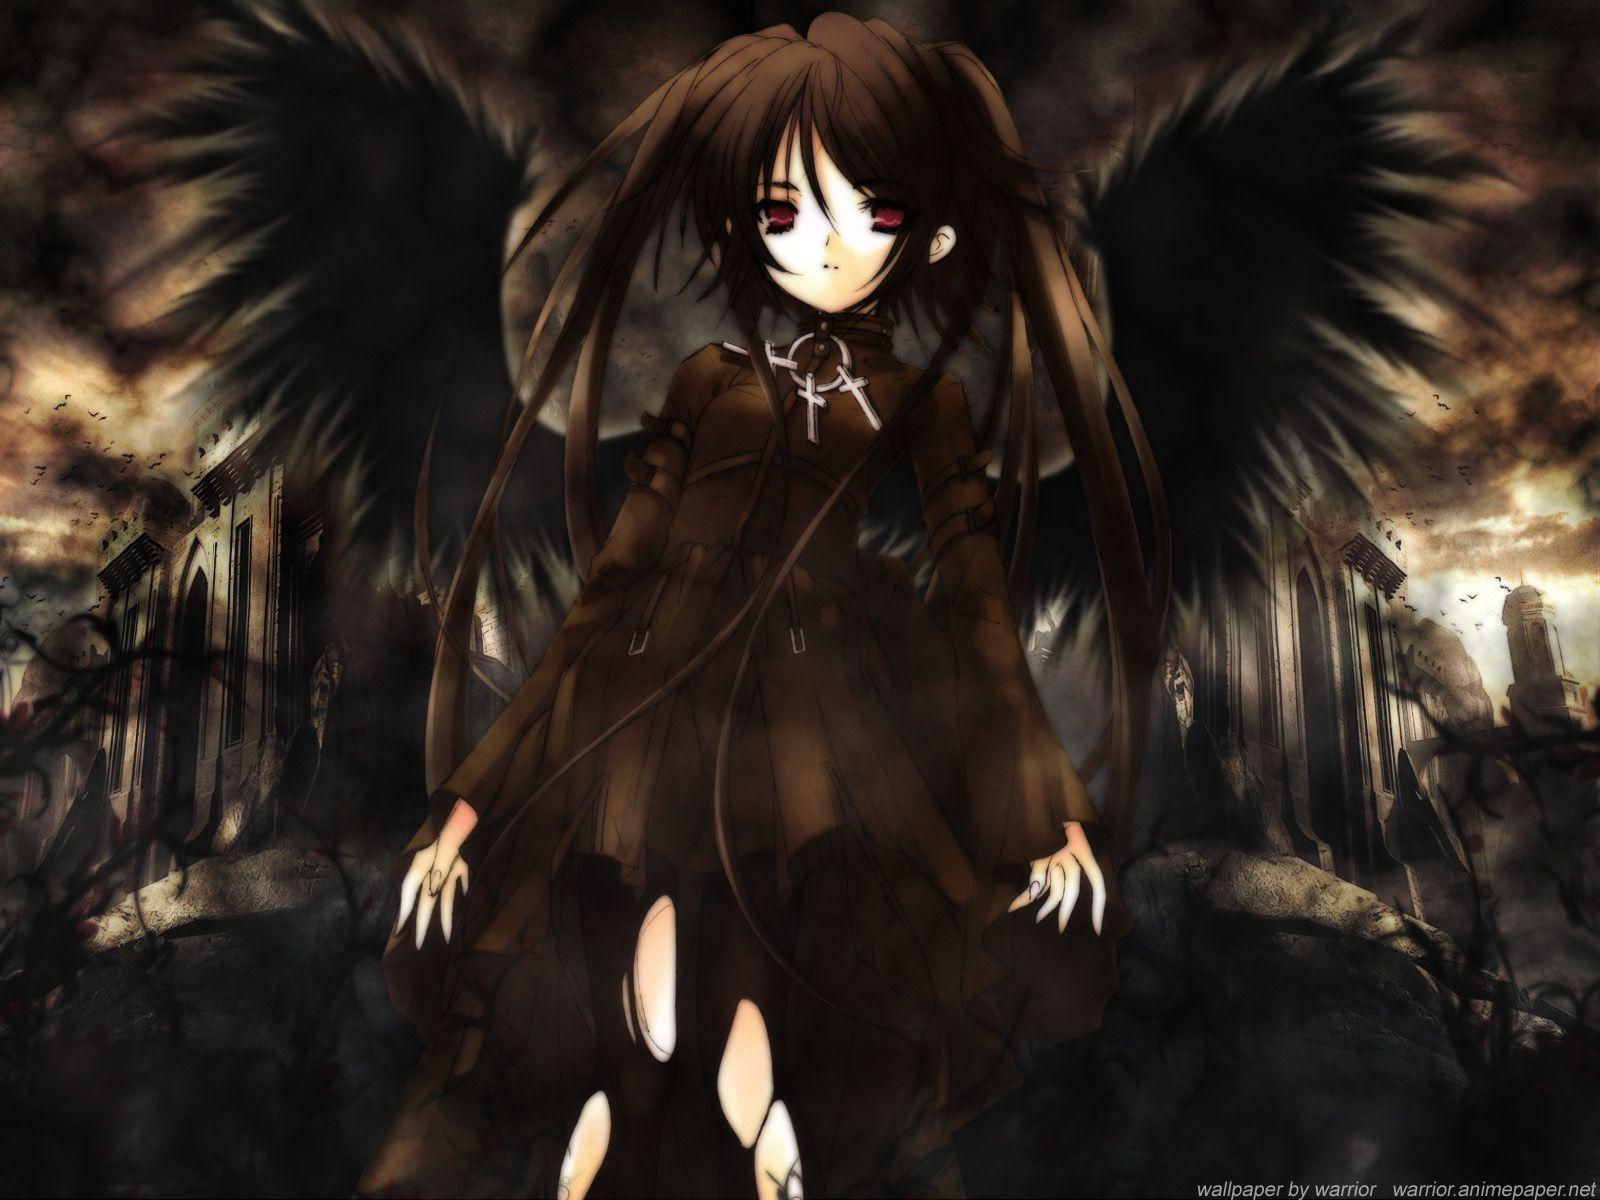 Angels Anime Anime Girls Black Brunettes Wallpaper 162810 Wallbase Cc Gothic Anime Black Angels Anime